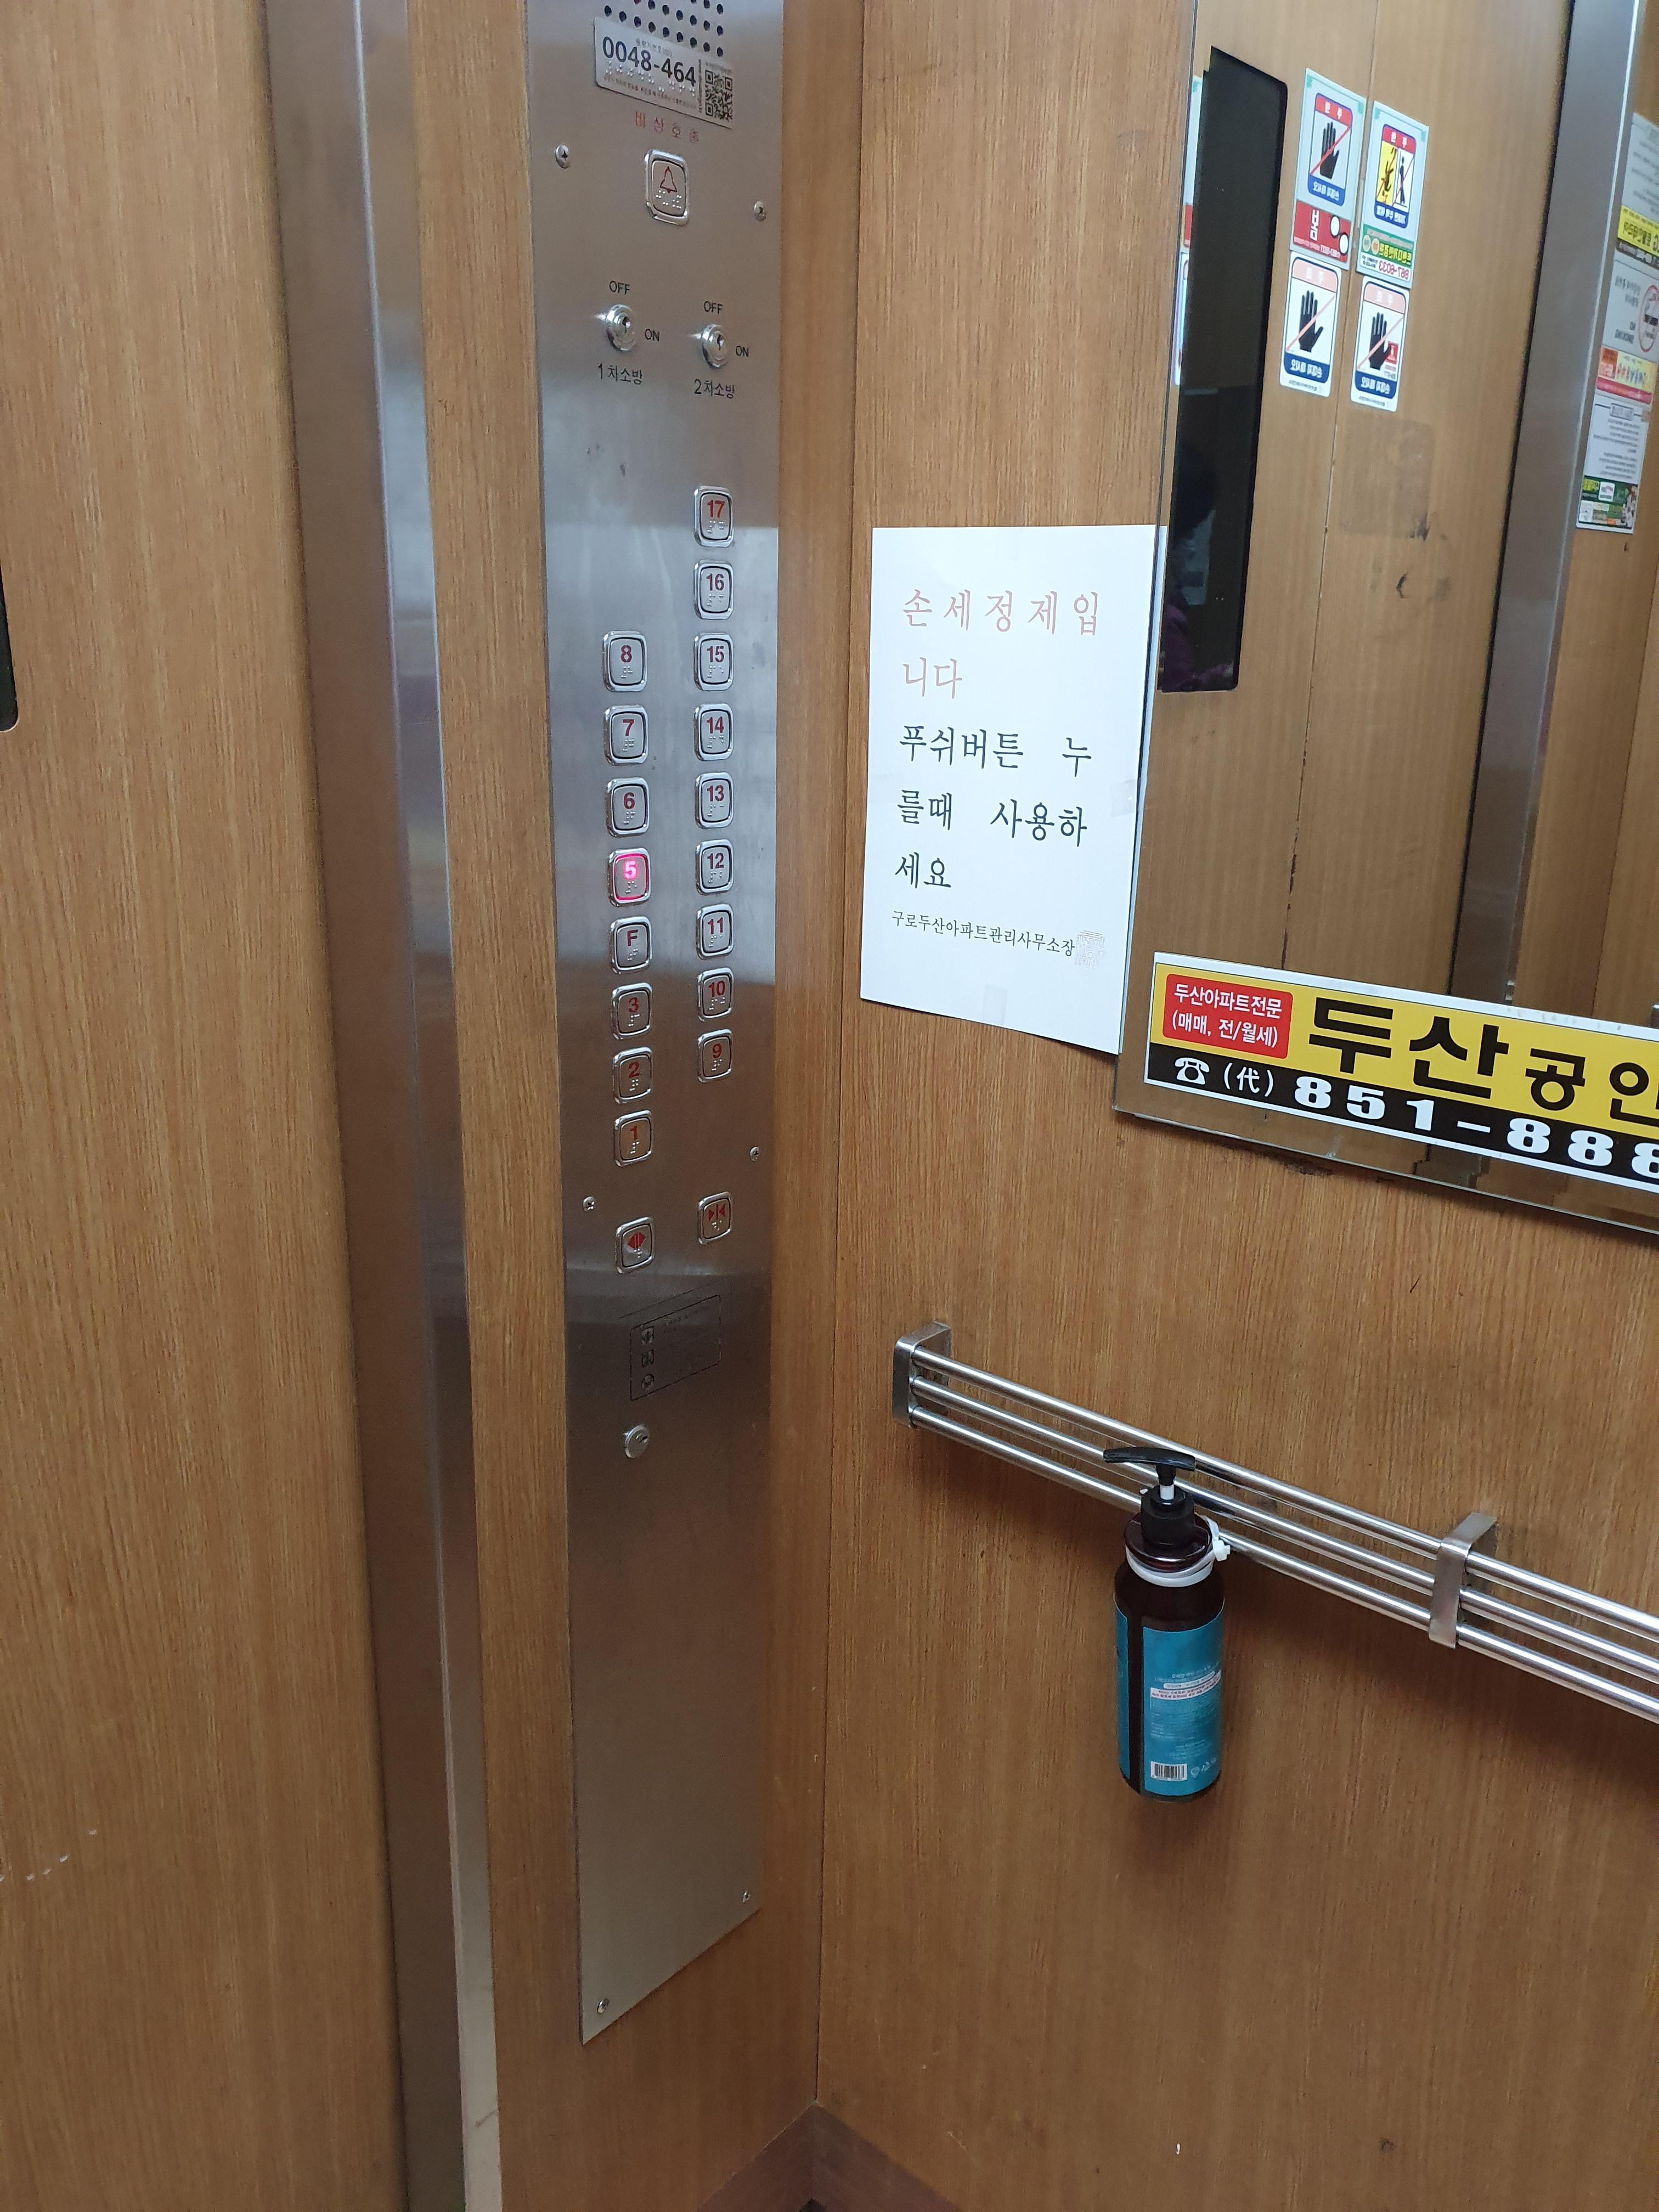 아파트 엘리베이터 앞에 손소독제 드디어 등장!